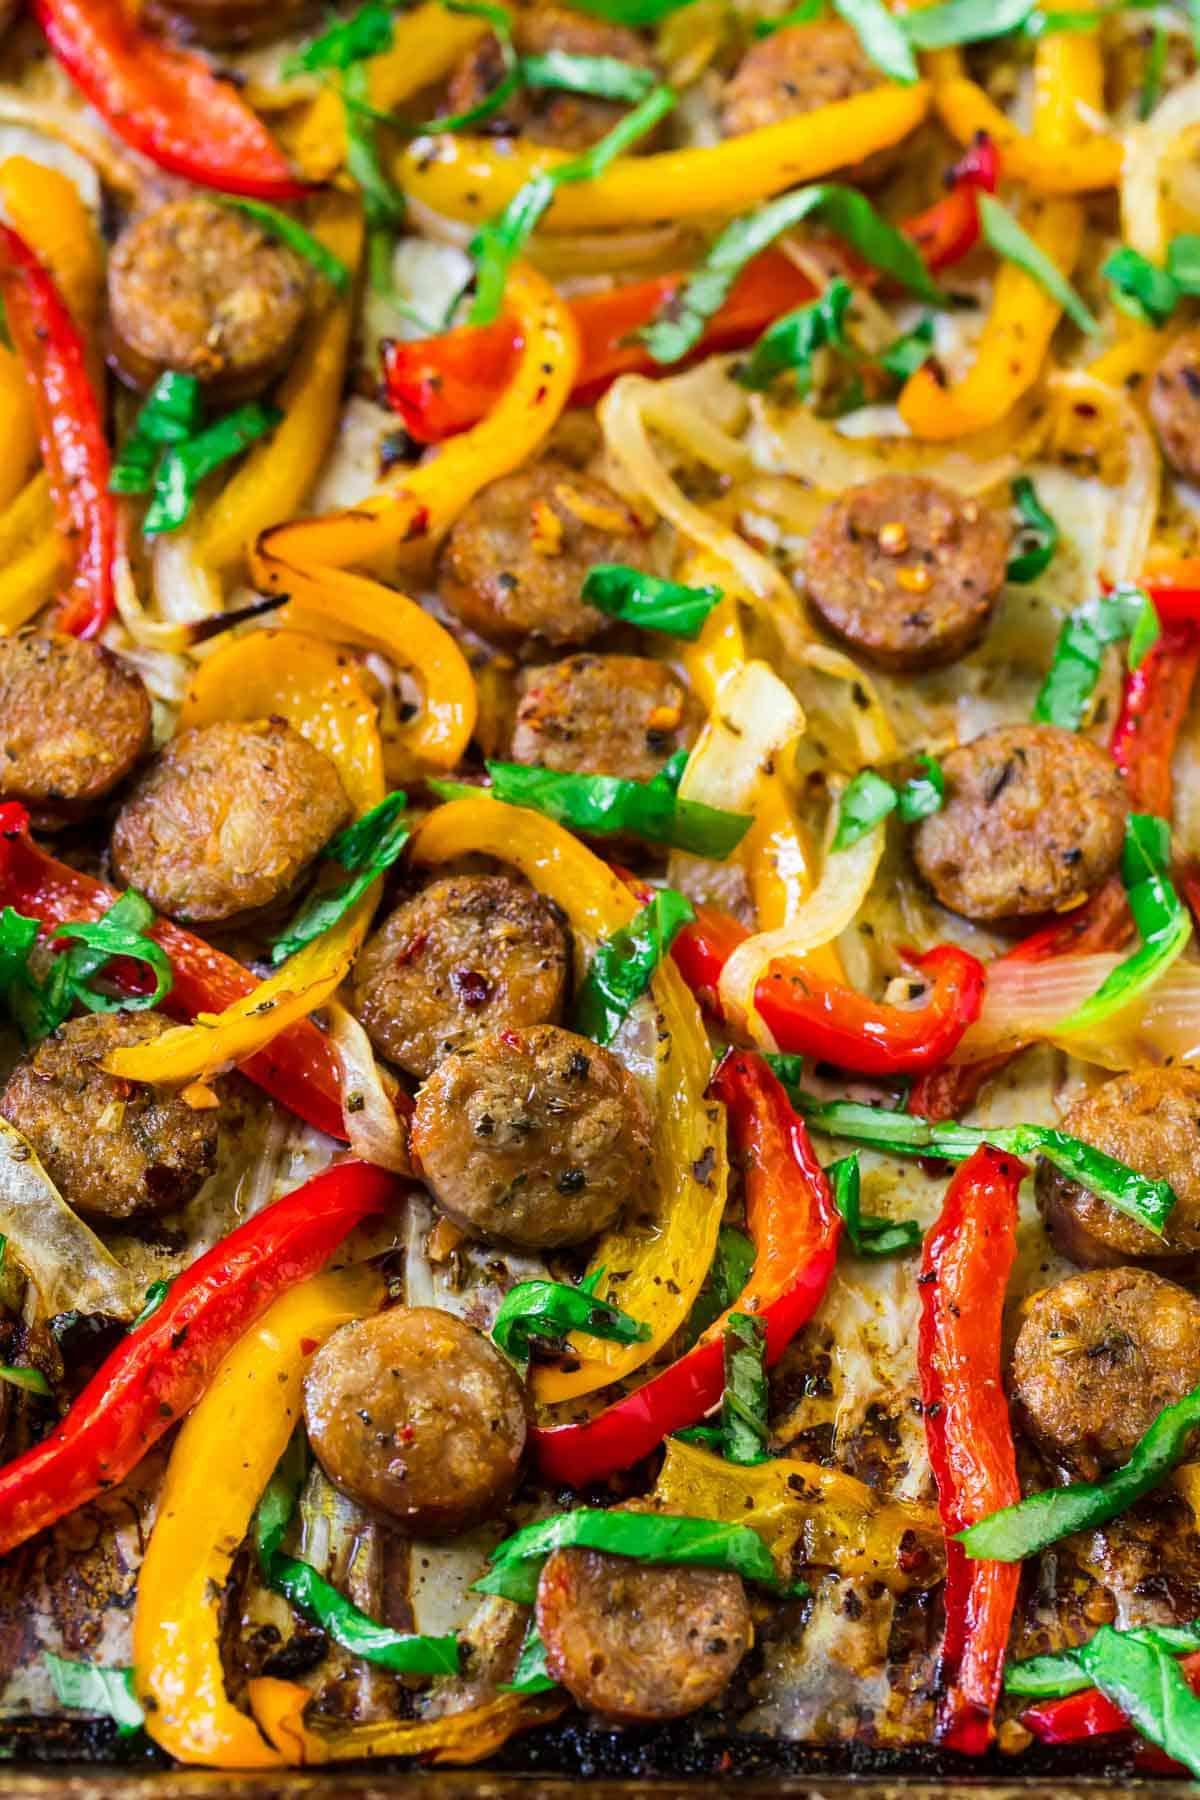 Salchicha italiana y pimientos al horno.  ¡Una receta de salchicha italiana fácil, saludable y sabrosa!  Ideal para embutidos italianos dulces o calientes.